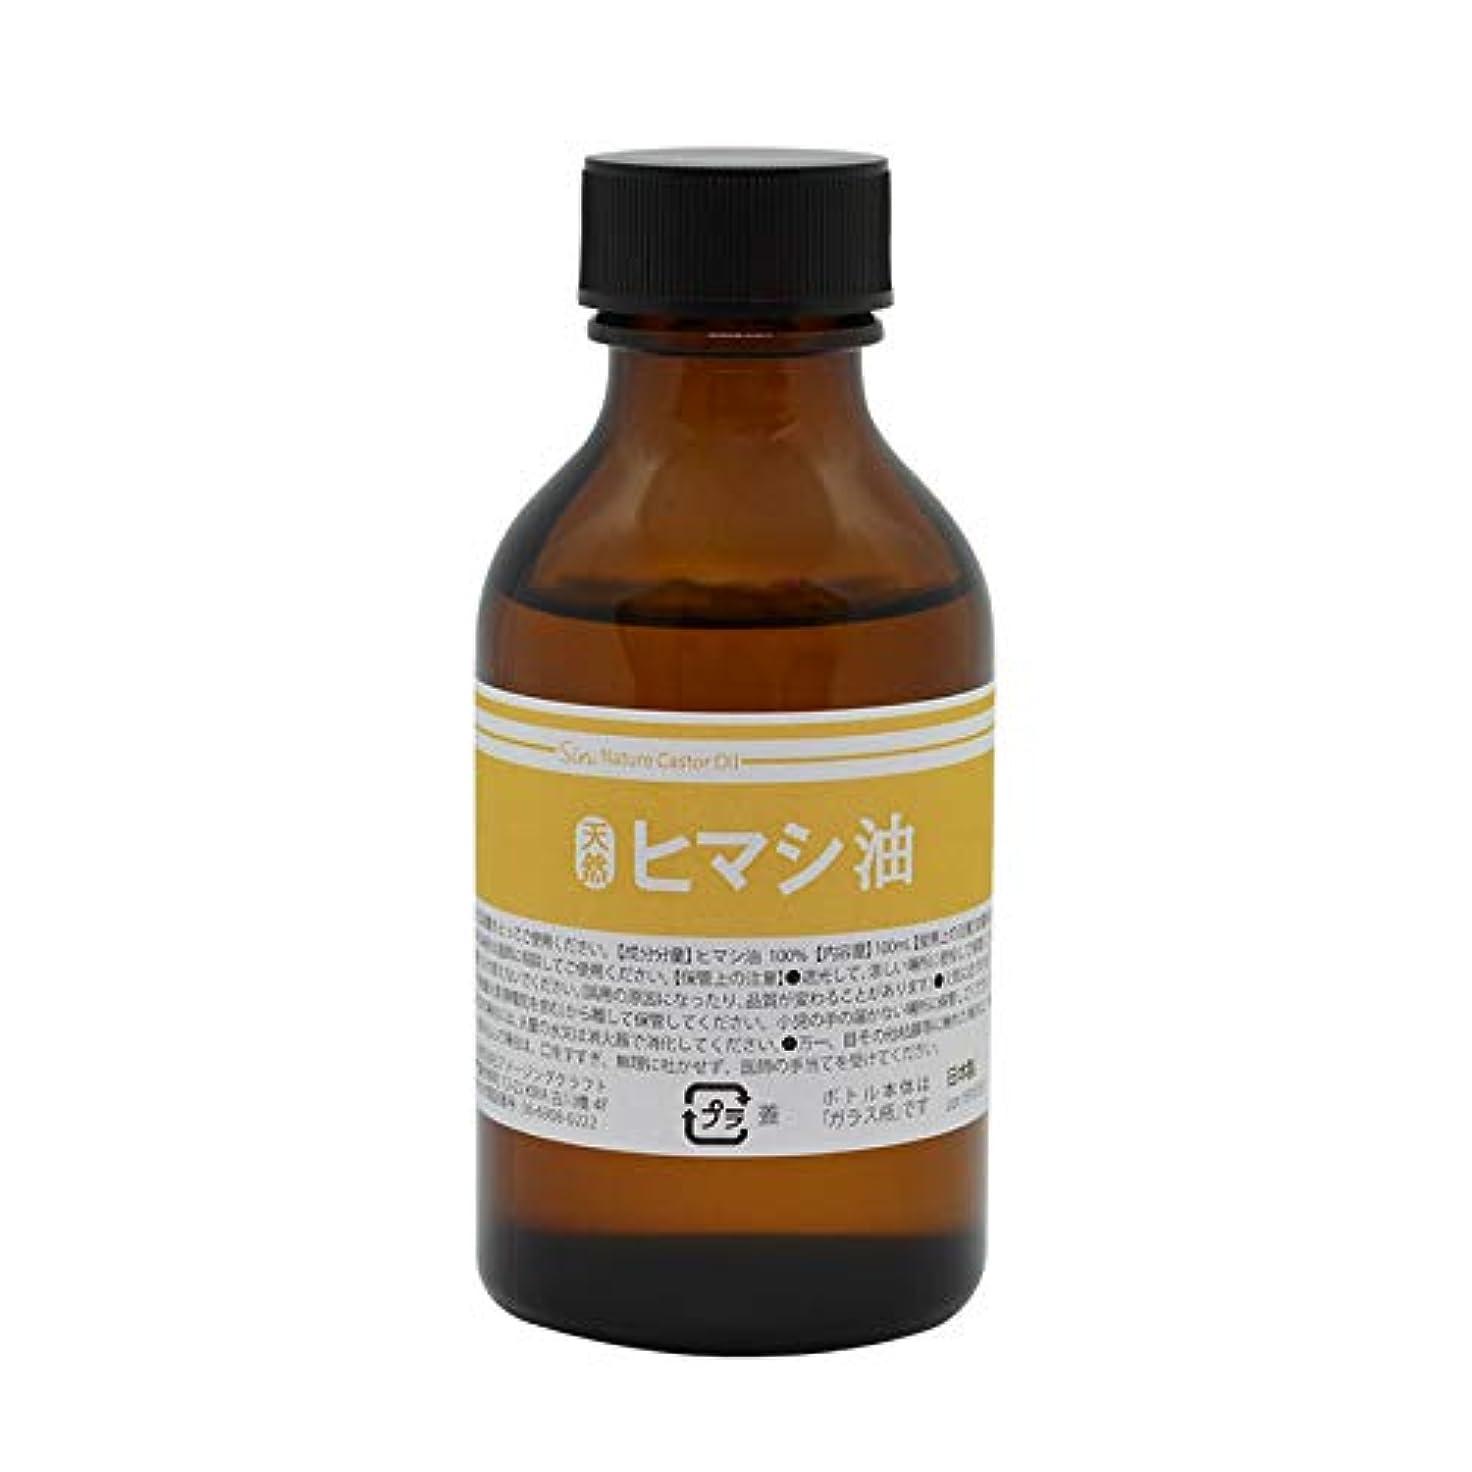 クレアお別れパテ天然無添加 国内精製ひまし油 (キャスターオイル) 100ml